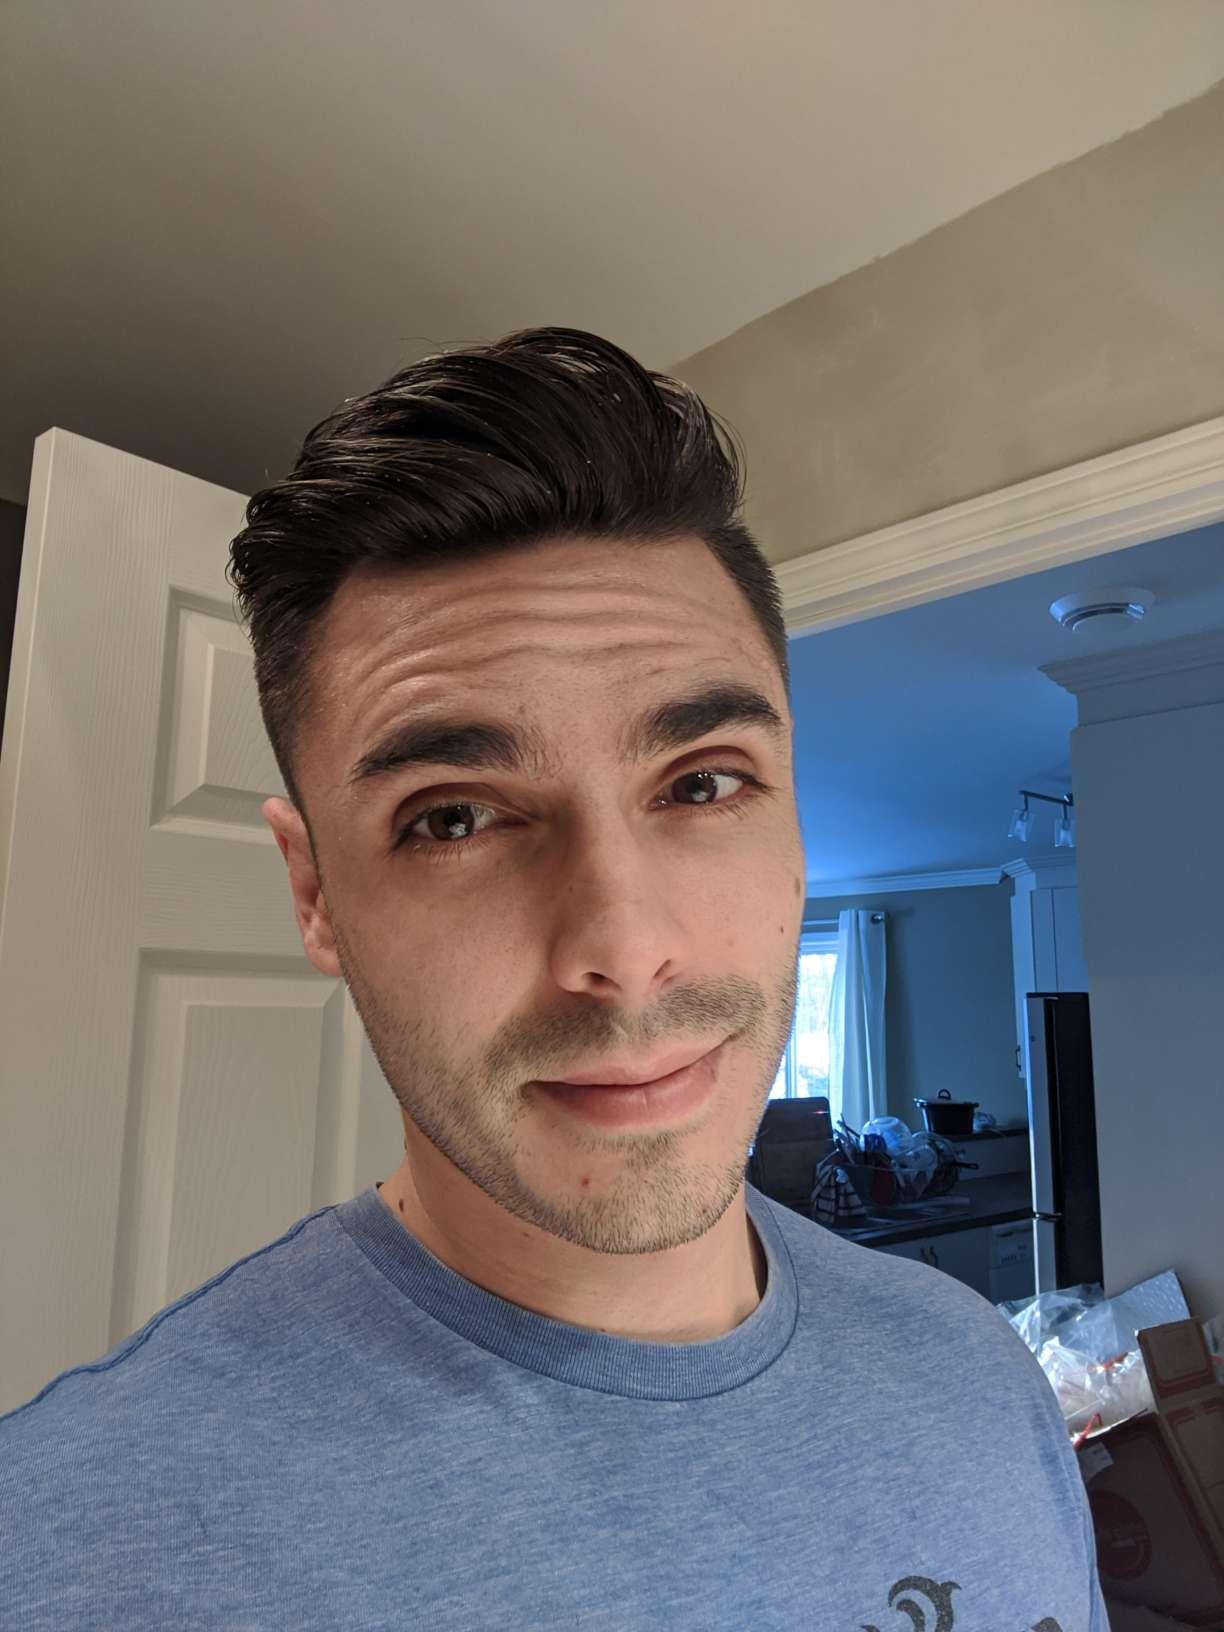 Liam Bigras's profile image